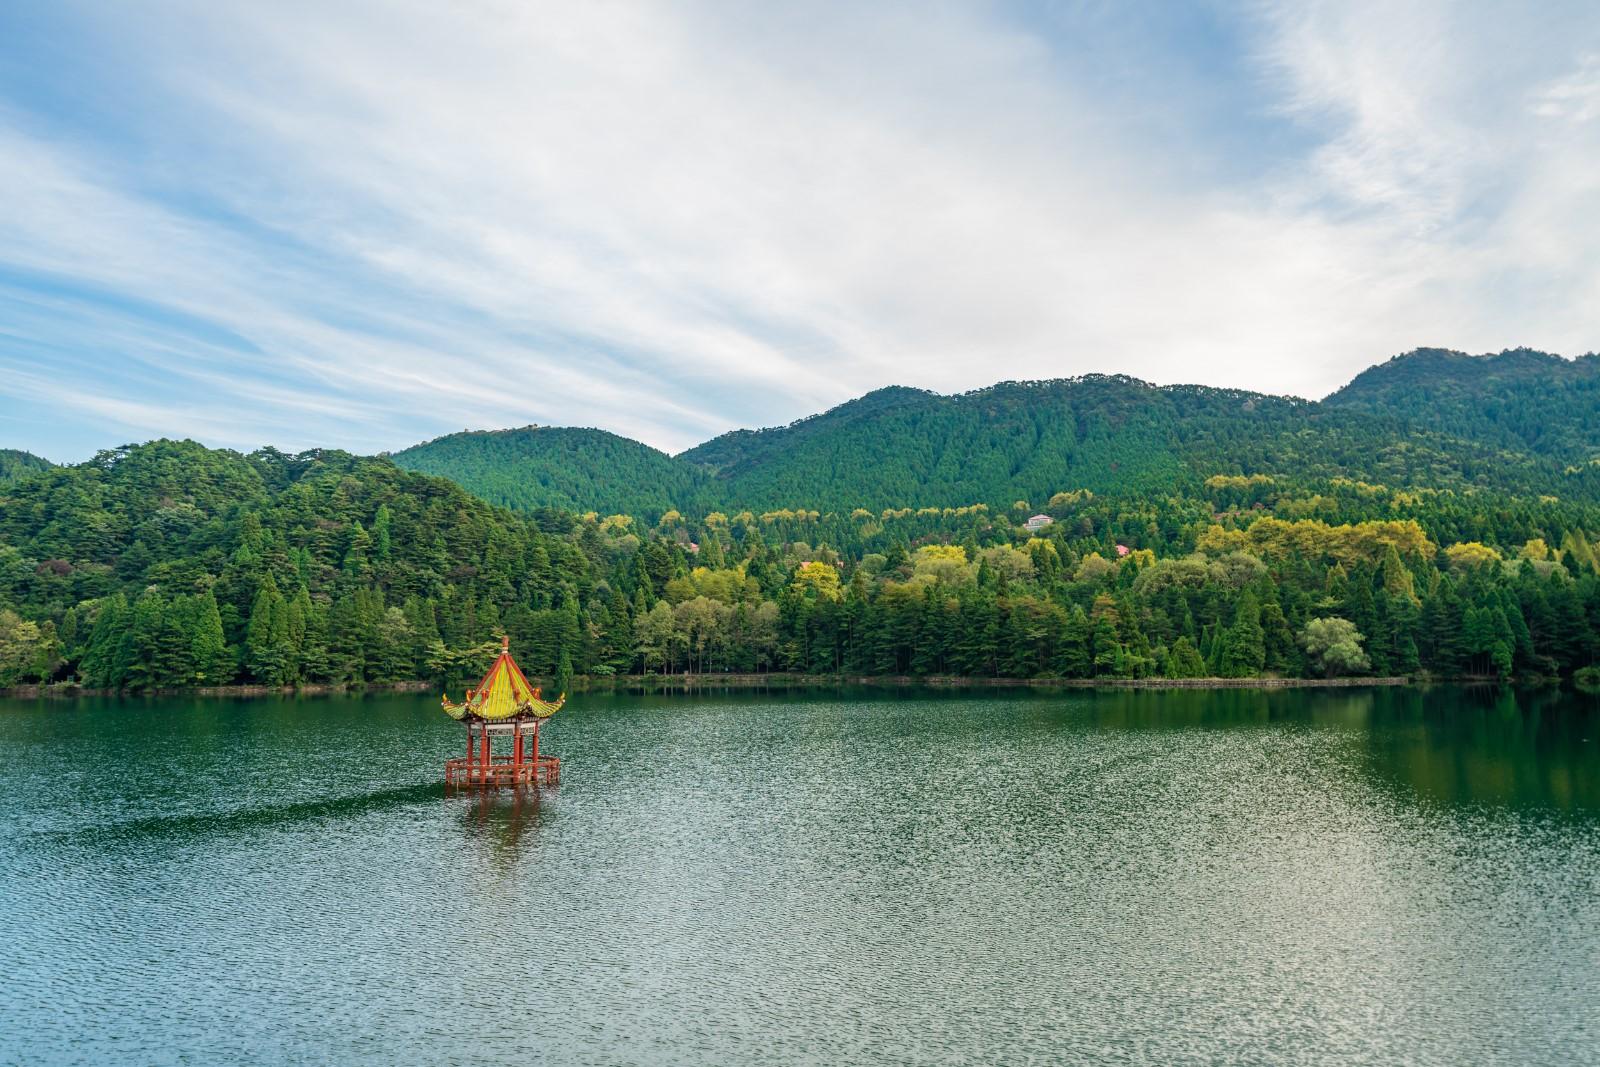 旅游攻略论坛:中国内地万里晴空神仙运,三天两晚带你,上庐山,坐缆车,下叠泉!